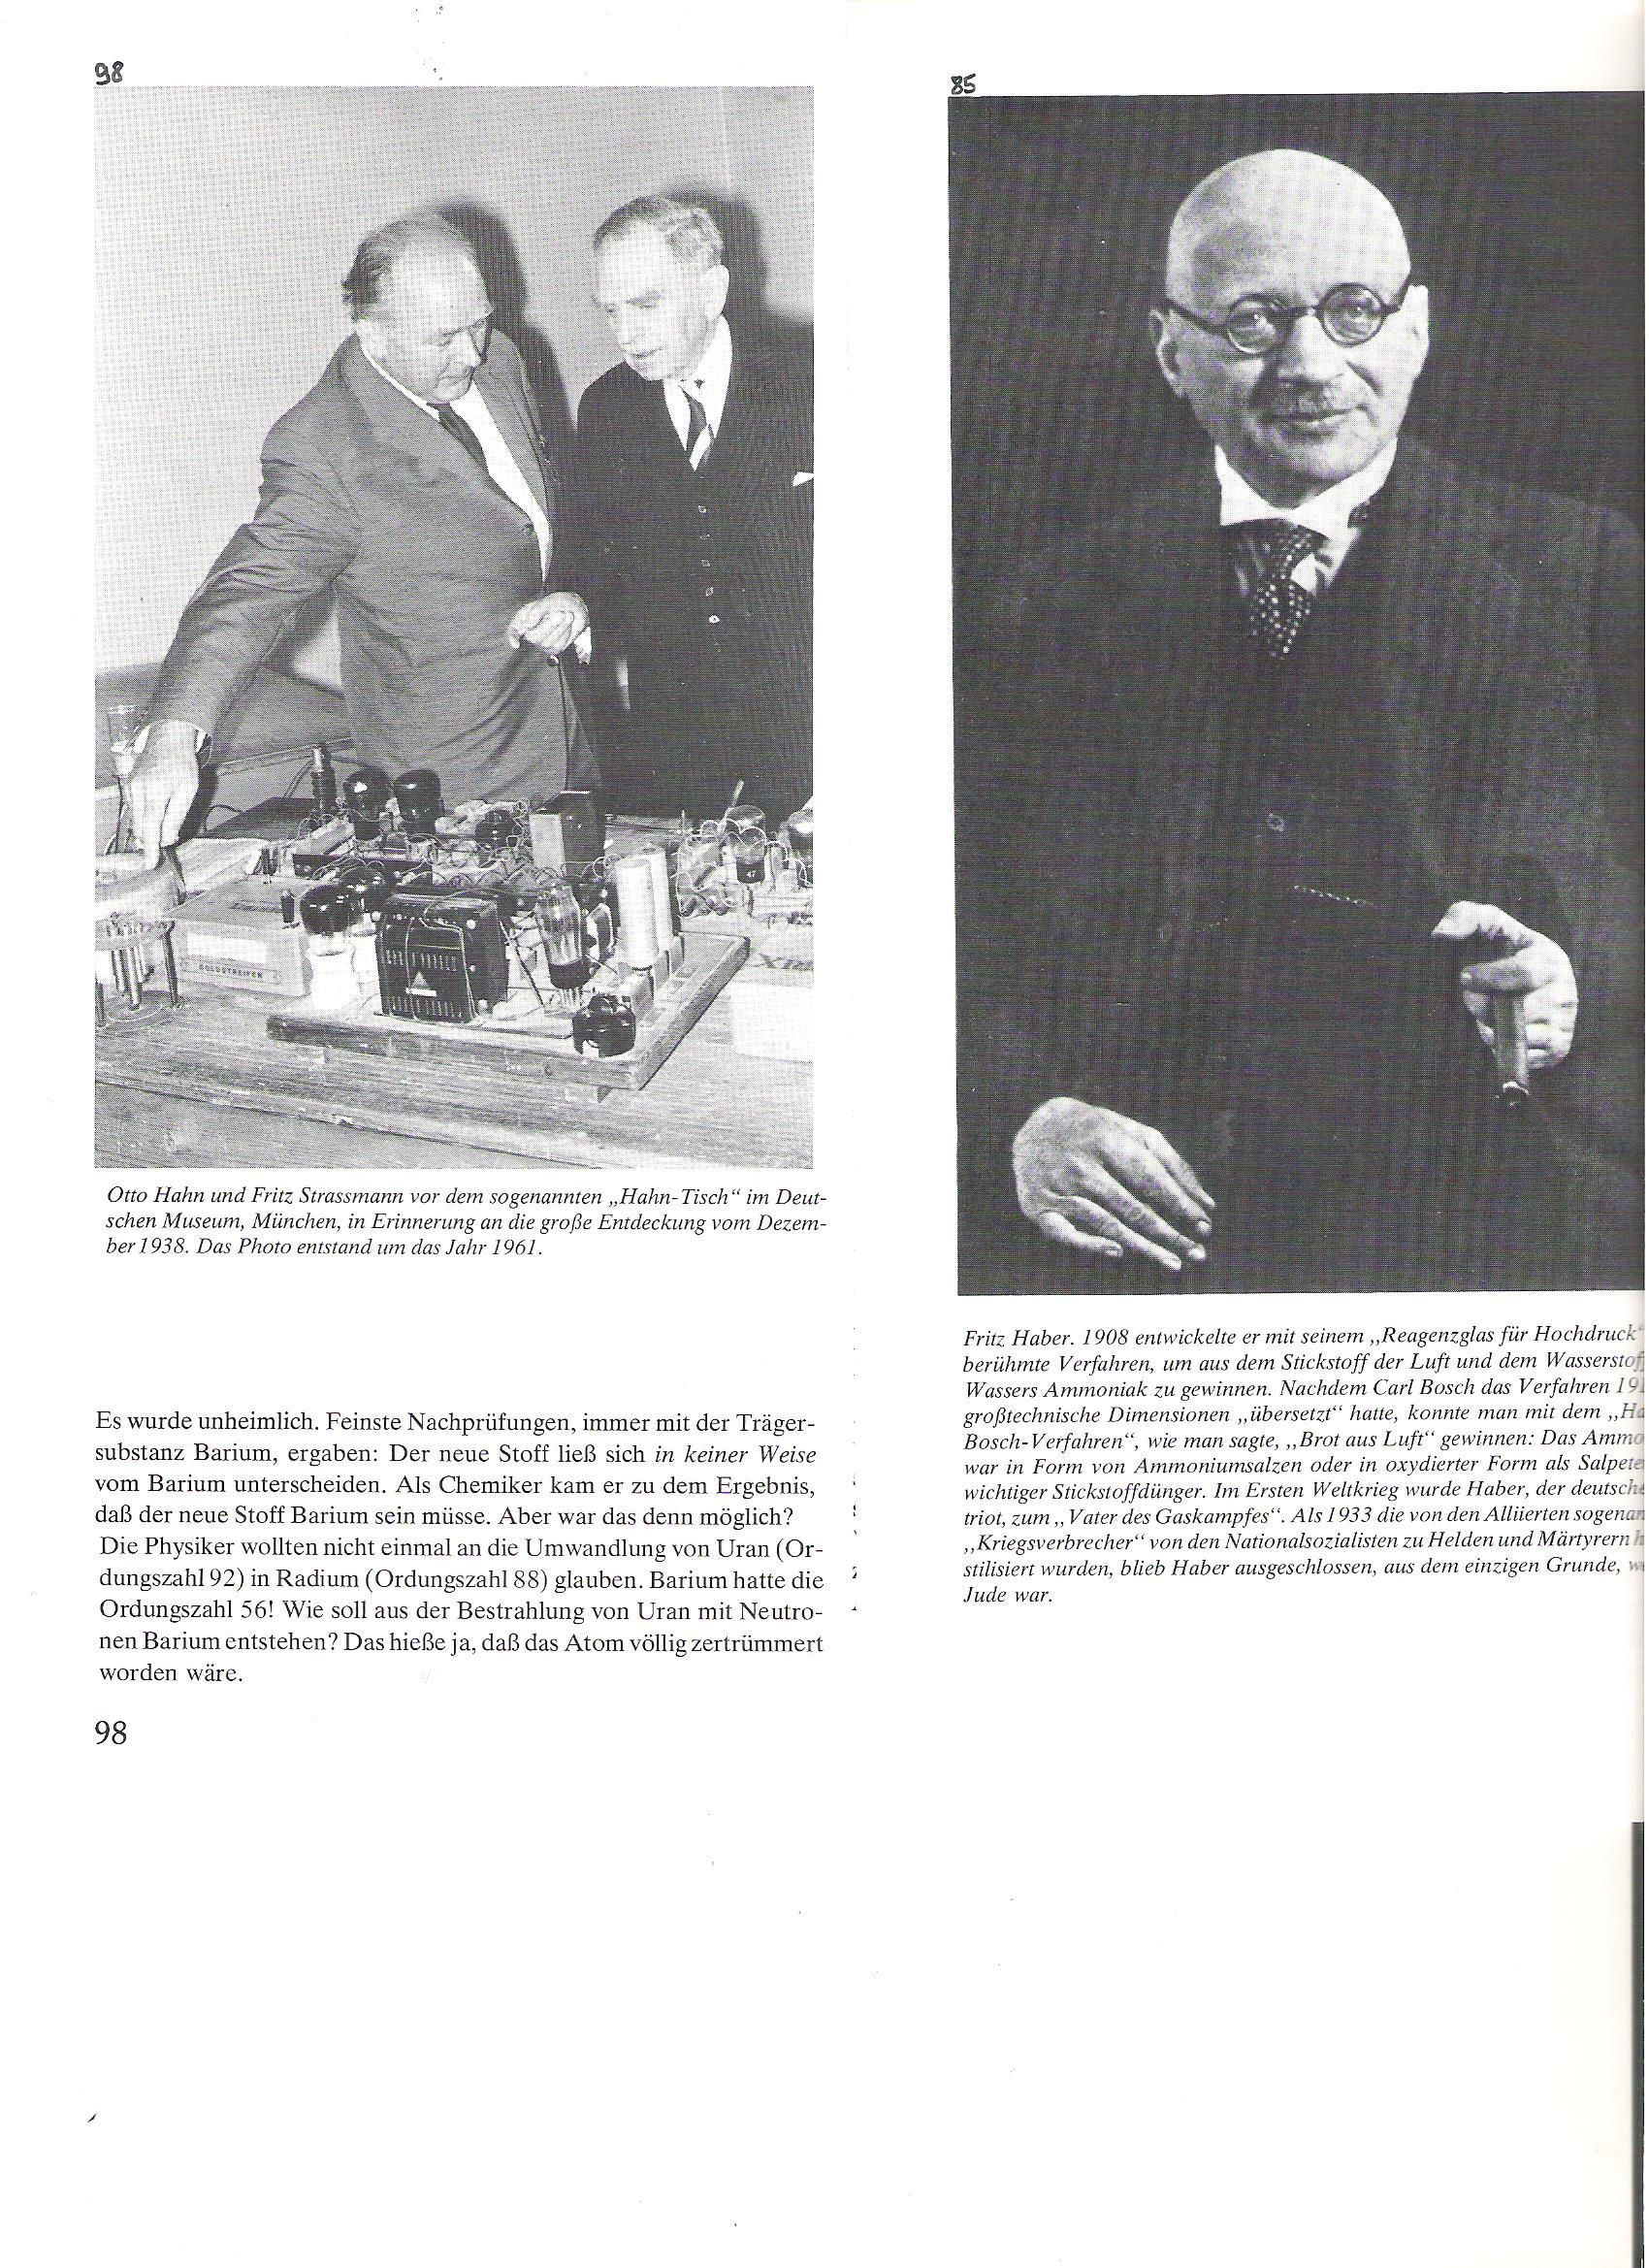 """85<br />Fritz Haber, 1908-ban """"nagynyomású kémcsőjével"""" kidolgozta híres eljárását, a levegő nitrogénjából és a víz hidrogénjéből ammóniát szintetizált. Miután Carl Bosch az eljárást 1913-ban nagyipari méretekre átültette, lehetségessé vált, mint mondták, """"kenyeret a levegőből"""" kinyerni. Az ammónia só vagy oxidált formában mint salétrom egy fontos N-műtrágya lett.<br />Az I. világháborúban Haber, a német patrióta, a """"gázháború atyja"""" lett.<br /> Amikor a későbbi """"háborús bűnösöket"""" (Szövetségesek)  a nácik hősökké és mártírokká kiáltották ki, Habert kihagyták, csupán egyetlen ok miatt: zsidó származású volt.<br /><br />98<br />Otto Hahn és Fritz Strassmann az ún. Hahn-asztal előtt (1961), a Deutsches Museum-ban, Münchenben. Az asztal az 1938. decemberi nagy fölfedezésre emlékeztet."""